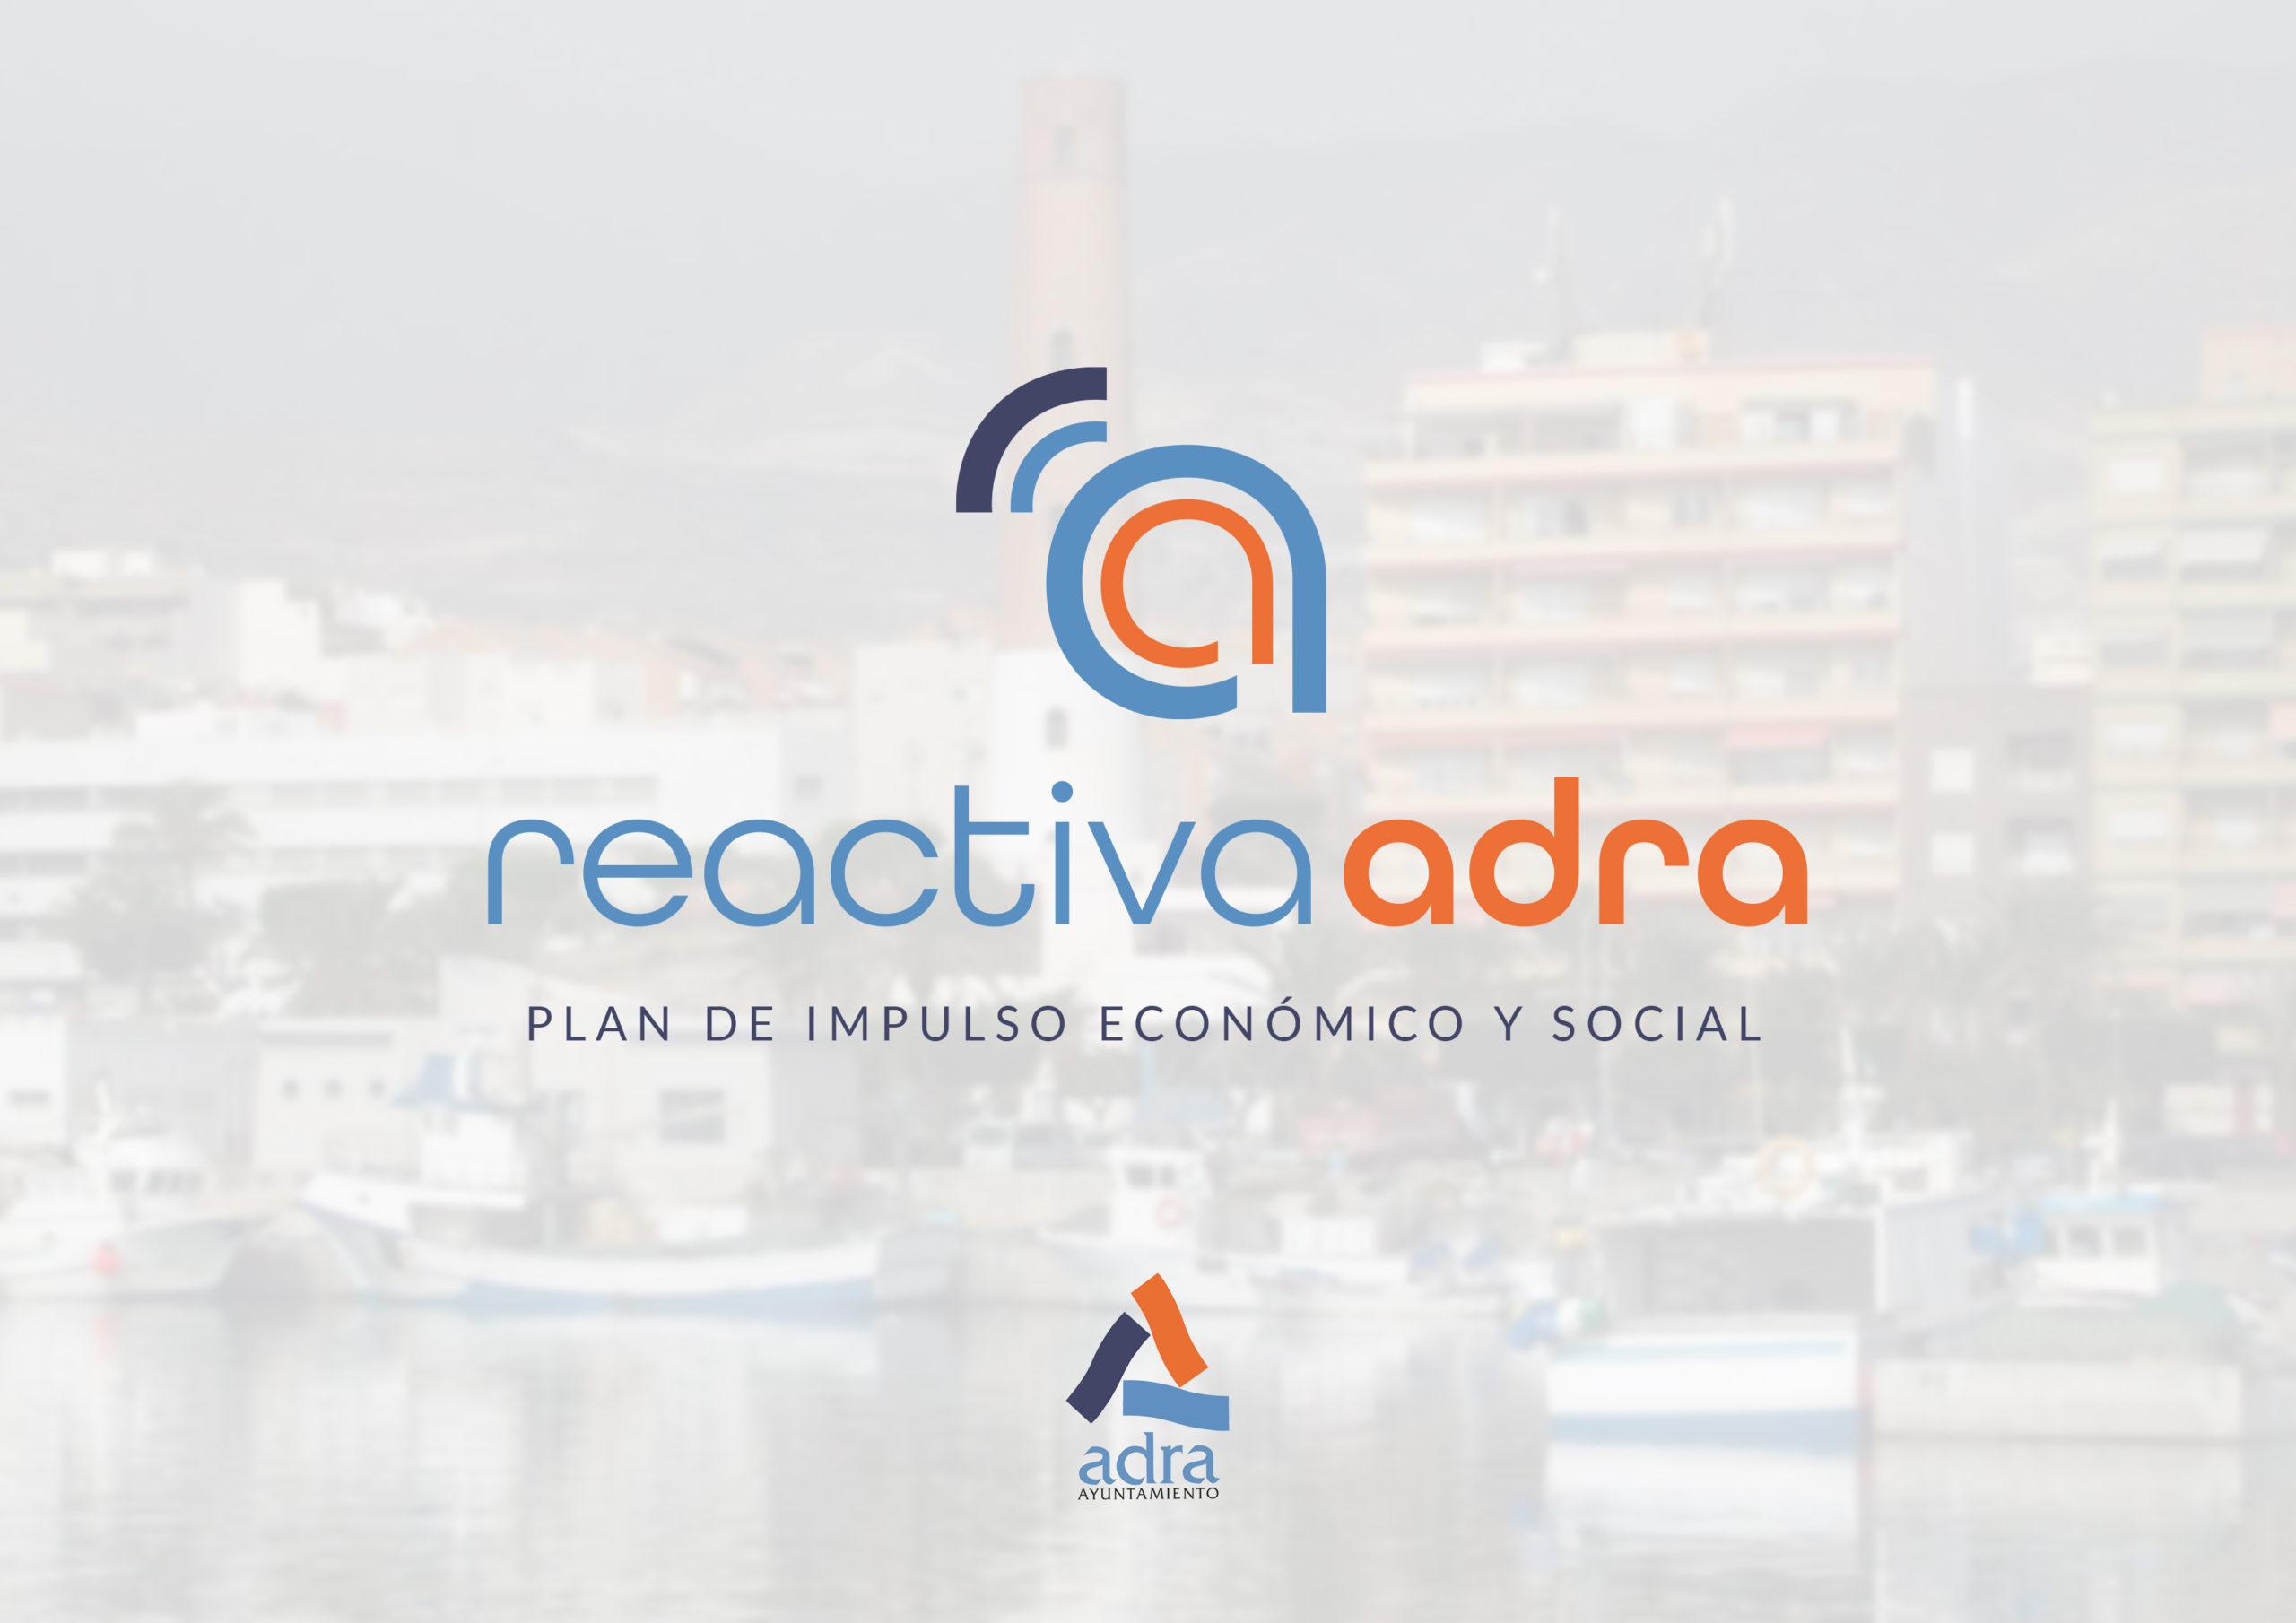 Imagen Reactiva Adra 2